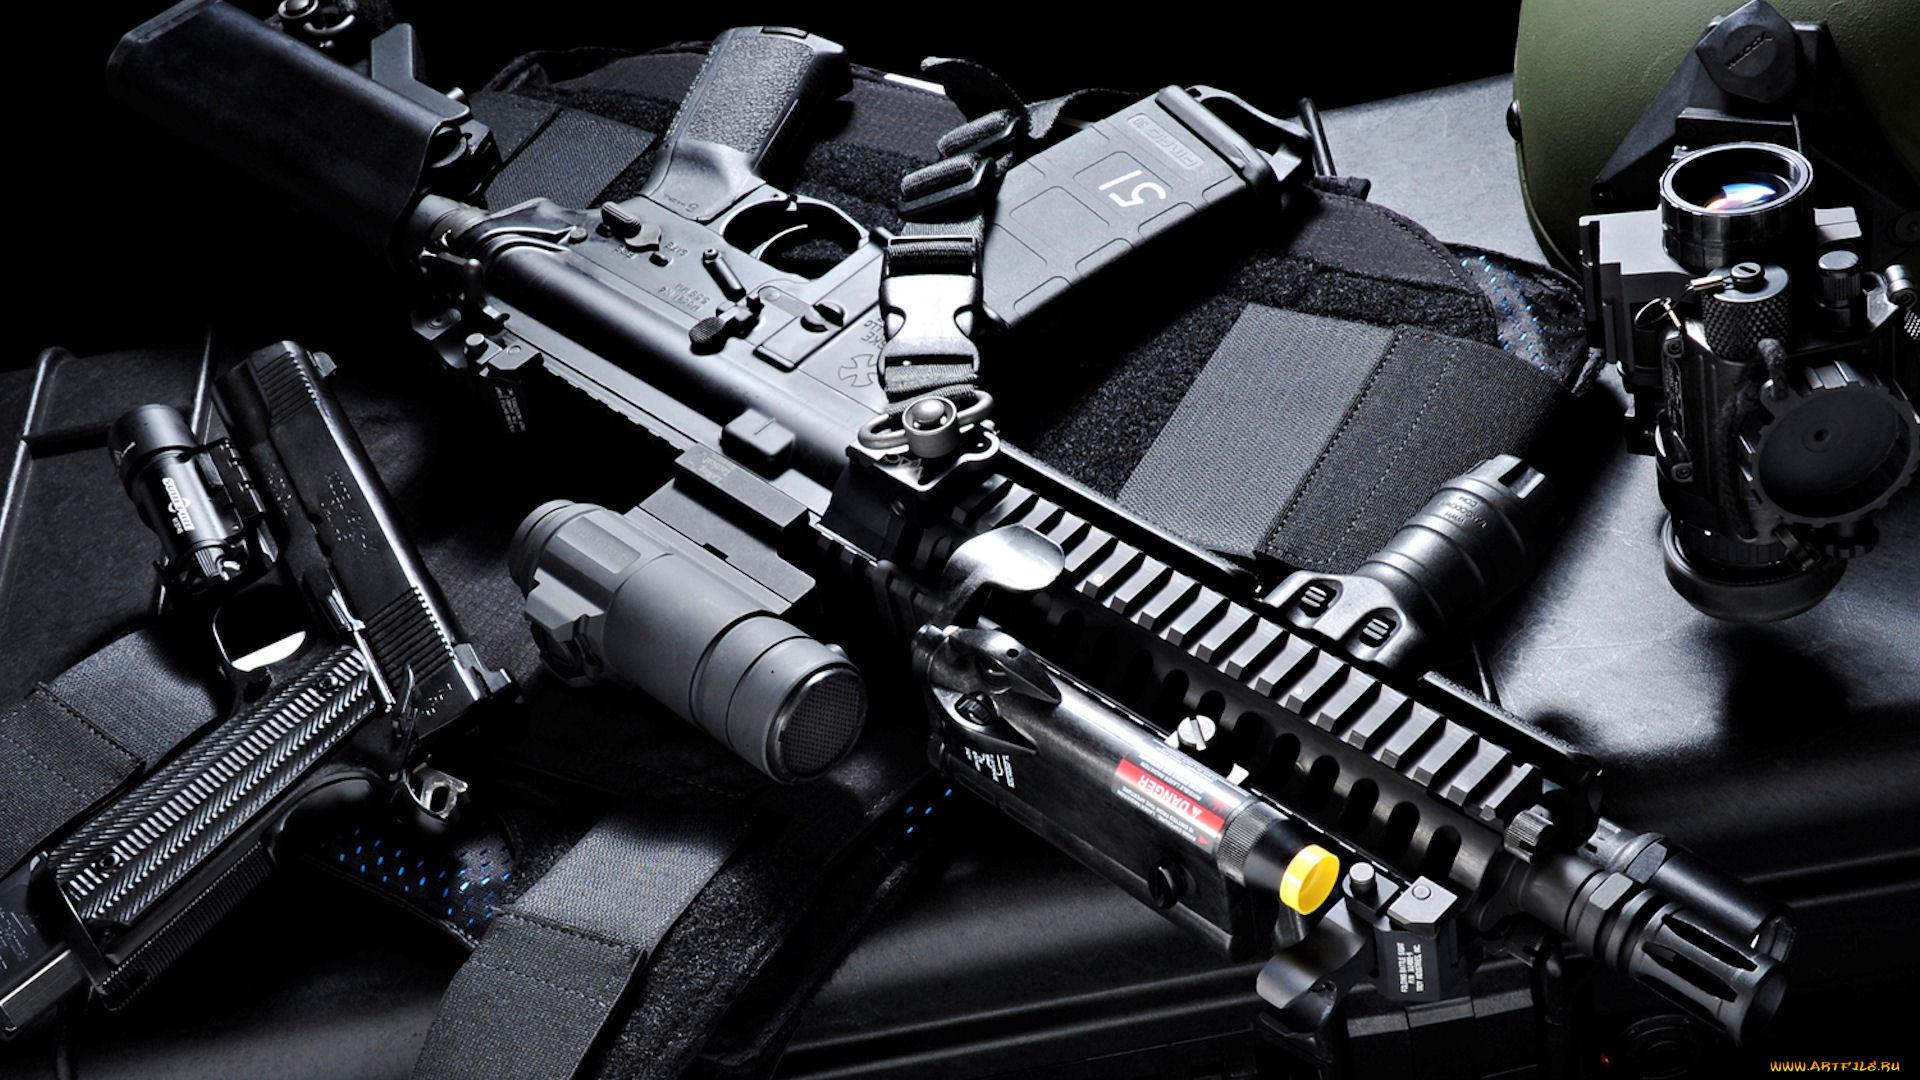 российское оружие обои для рабочего стола № 341326 бесплатно